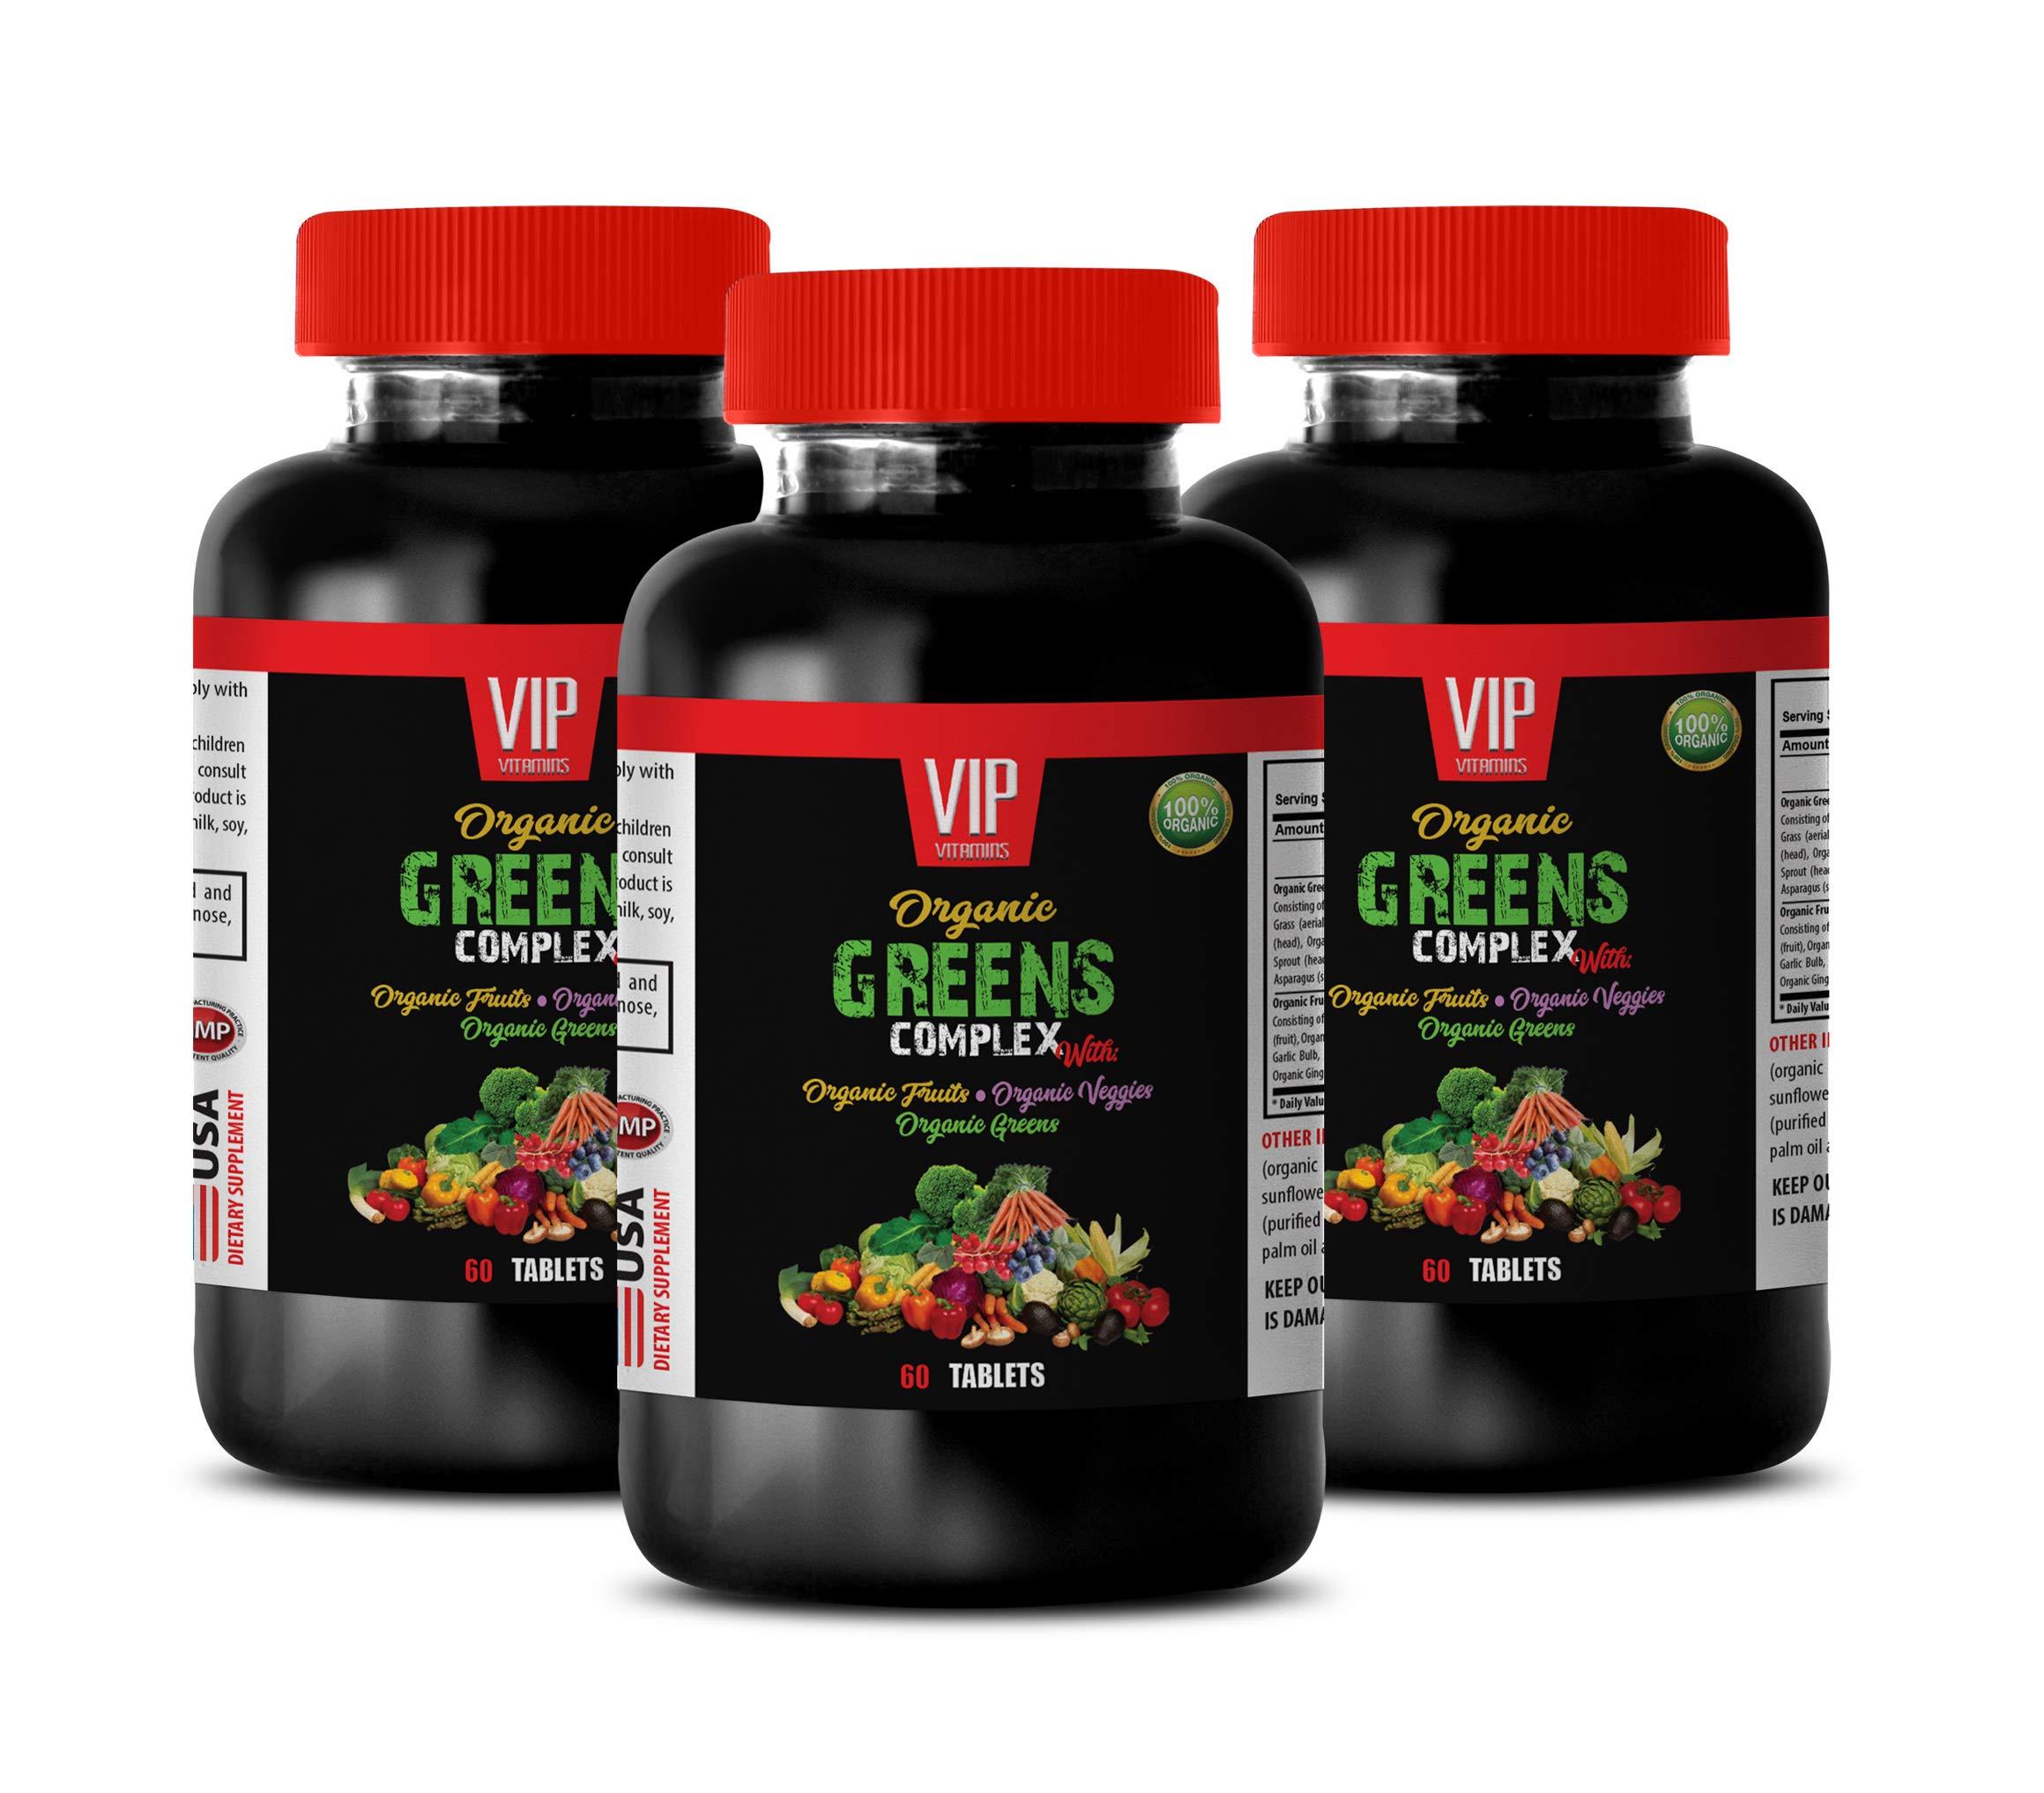 antioxidant Supplement Berry - Organic Greens Complex - Raspberry Pills for Women - 3 Bottles 180 Tablets